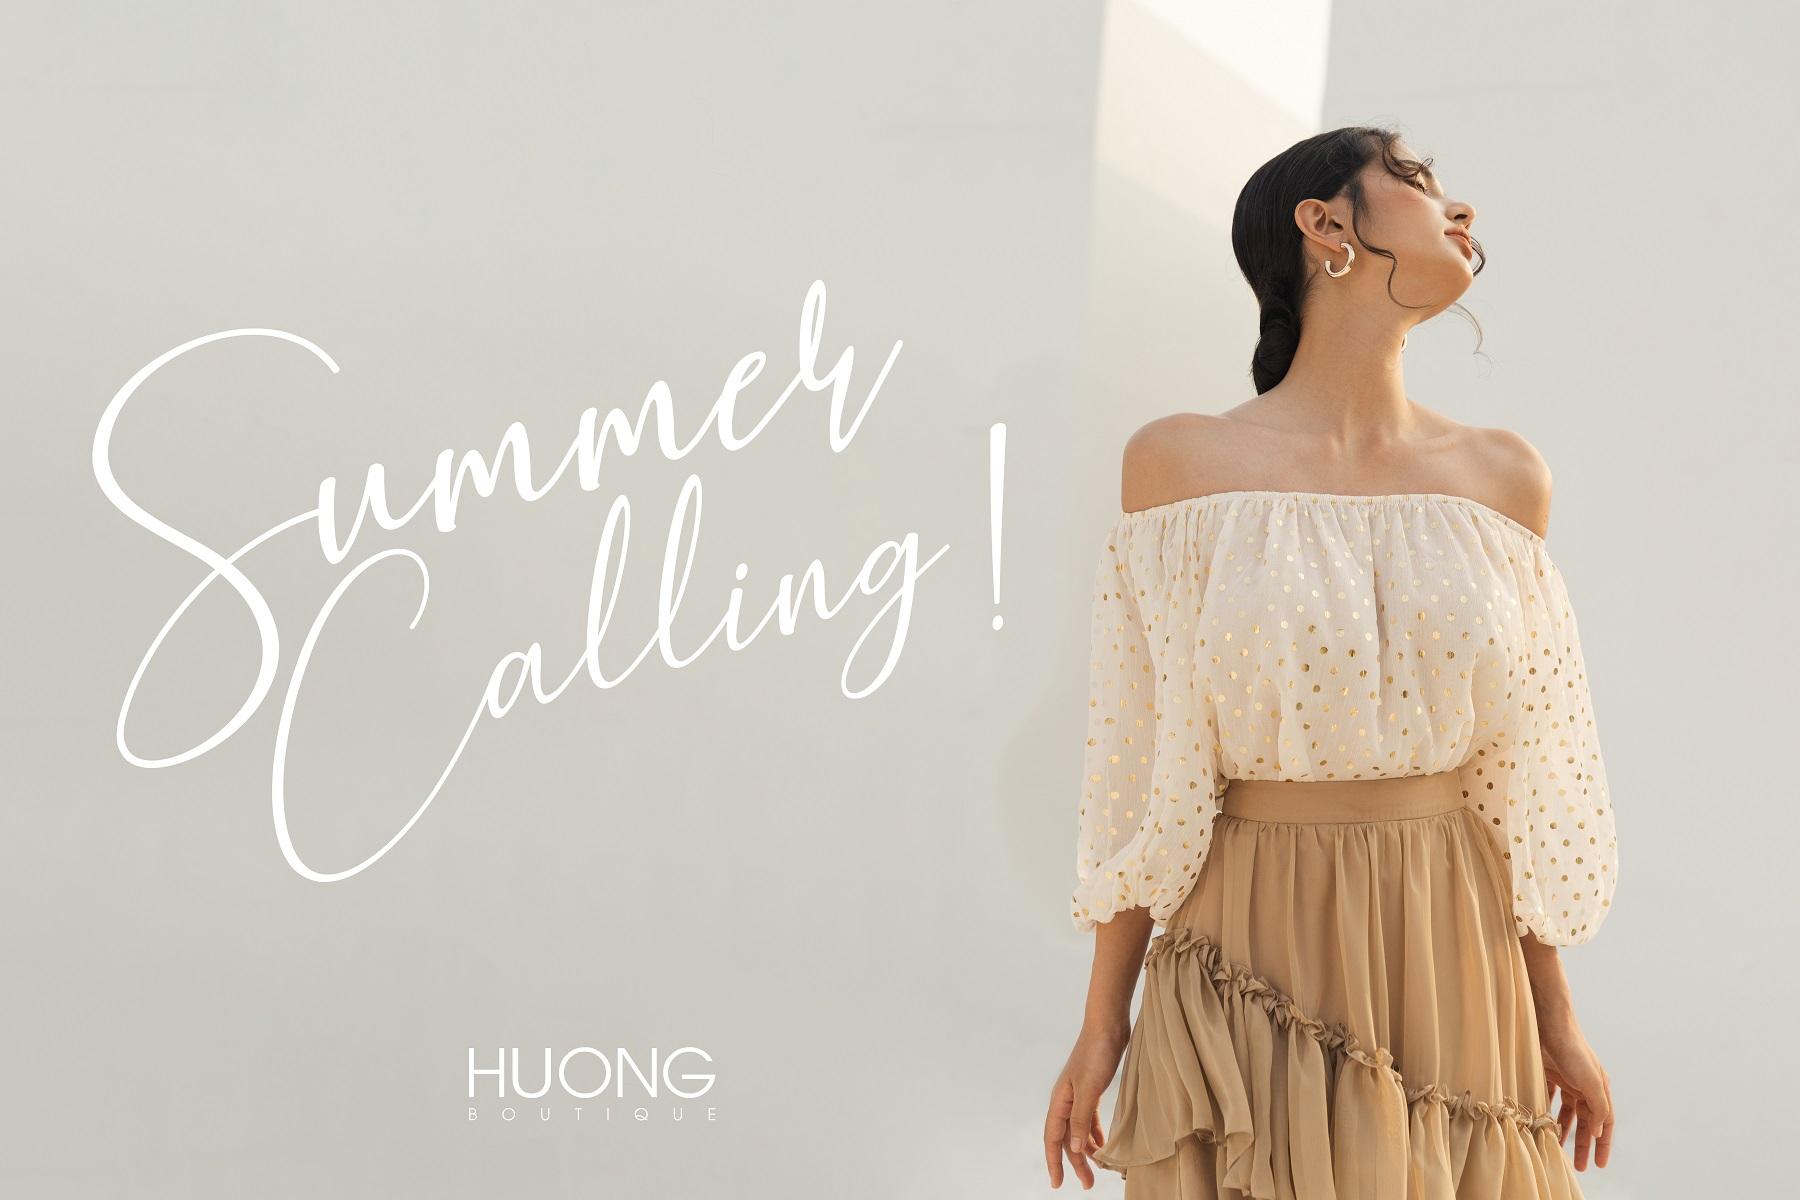 summer-calling-mua-he-goi-ten